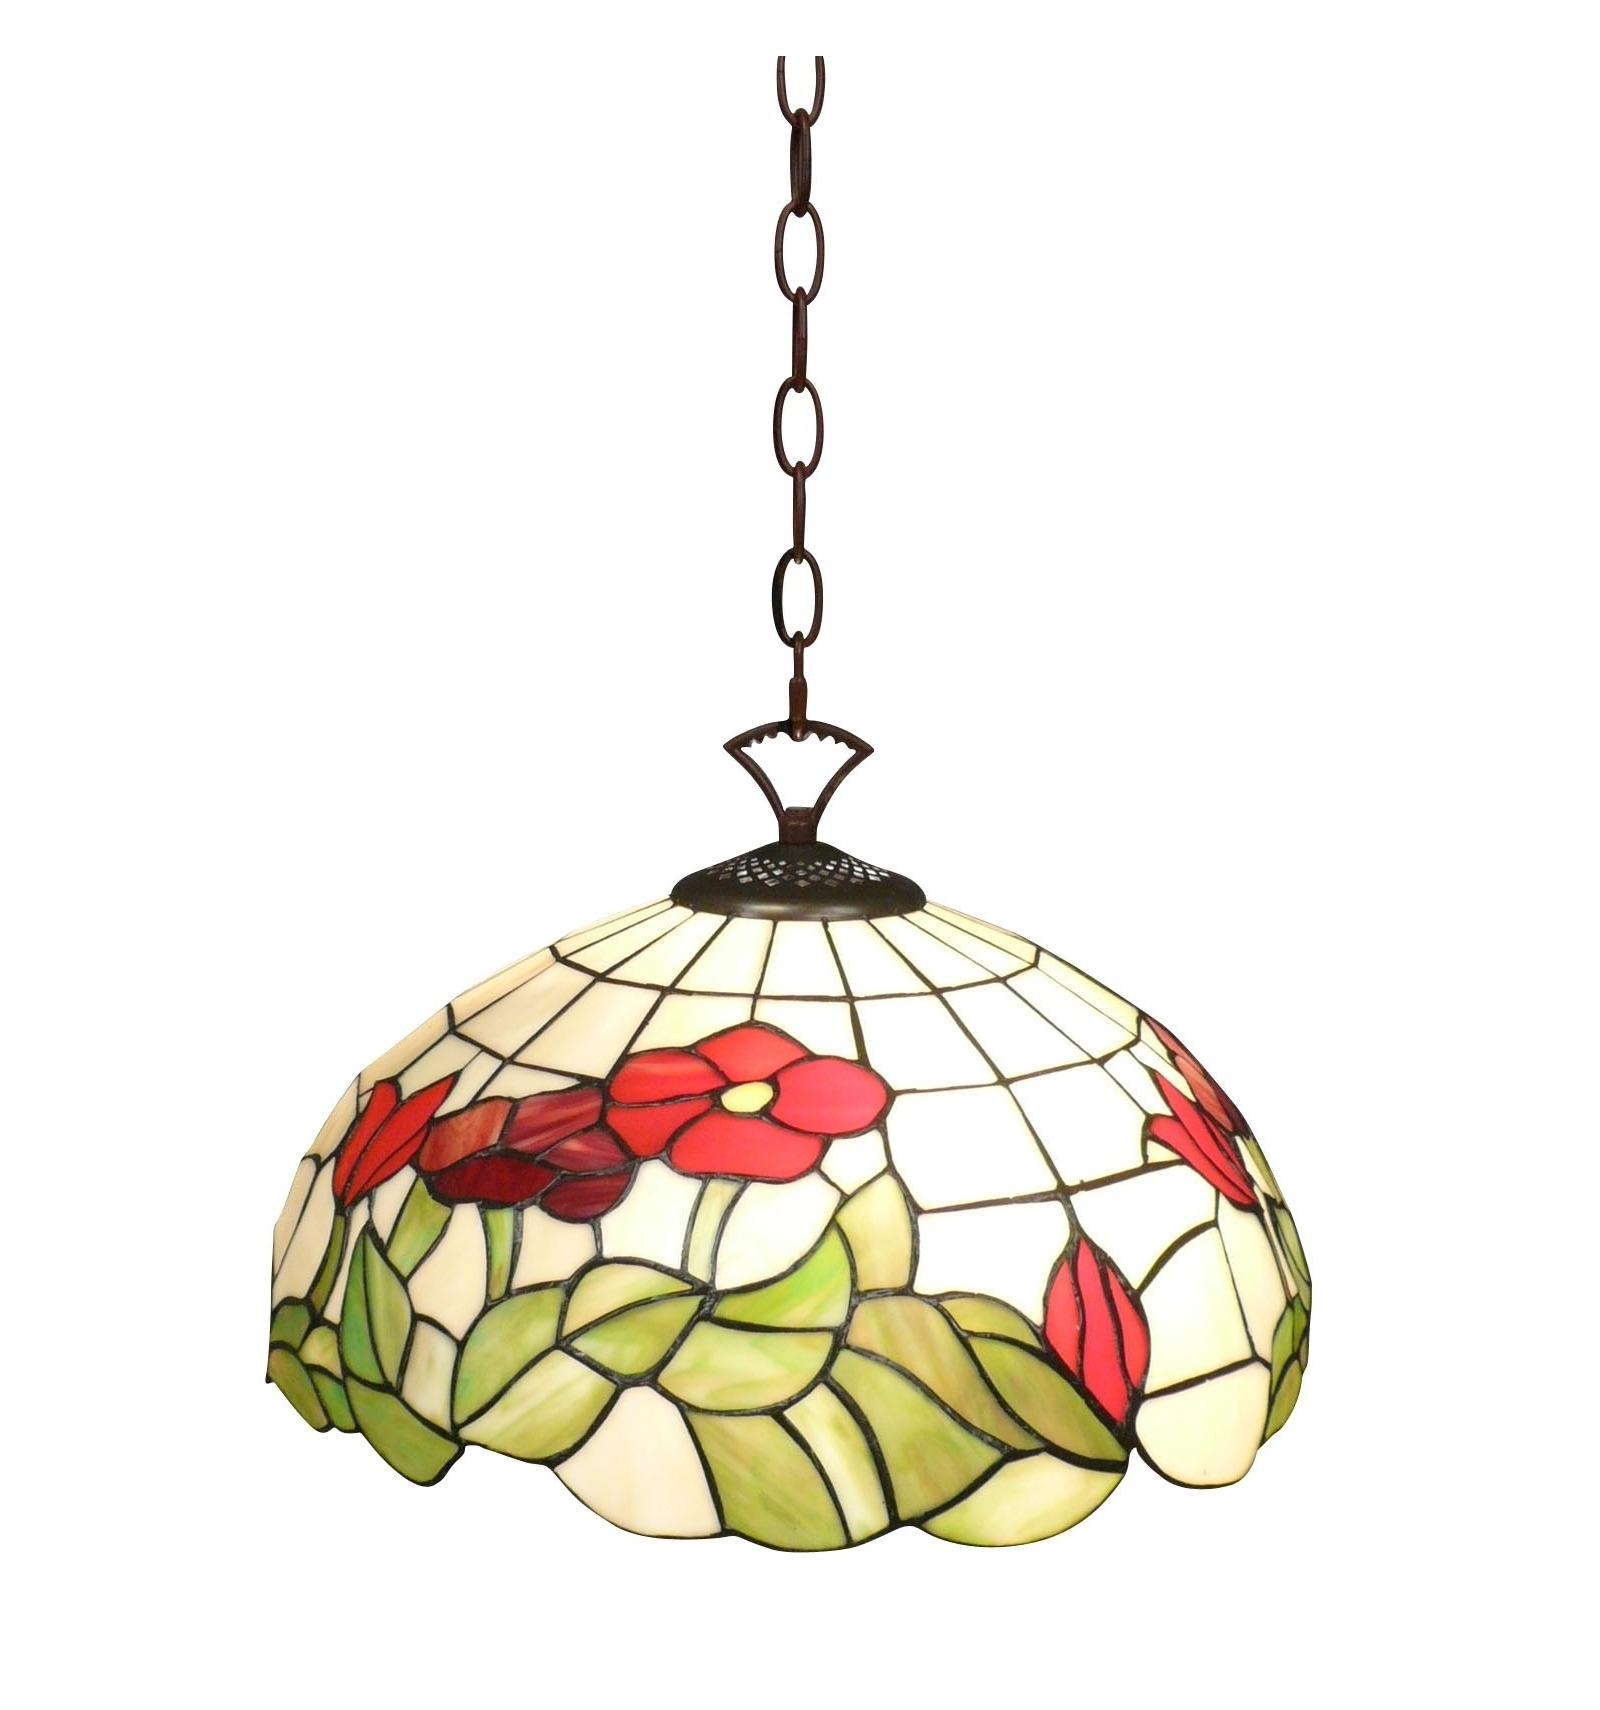 lampadario tiffany : Lampadario Tiffany della serie Miami - lampade